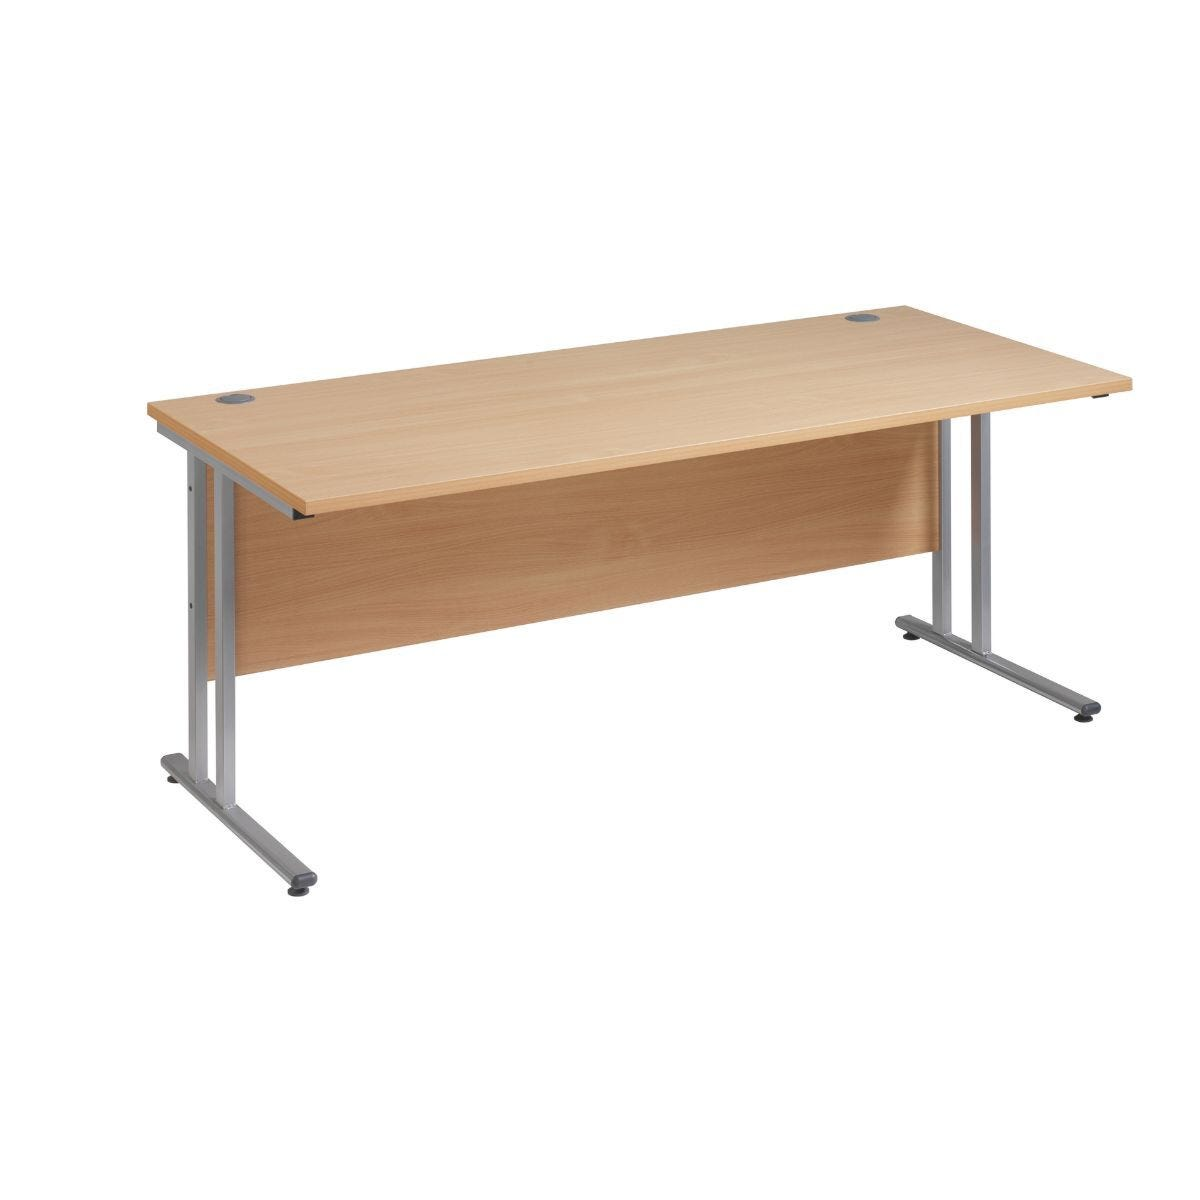 Rectangular Desk 1200mm